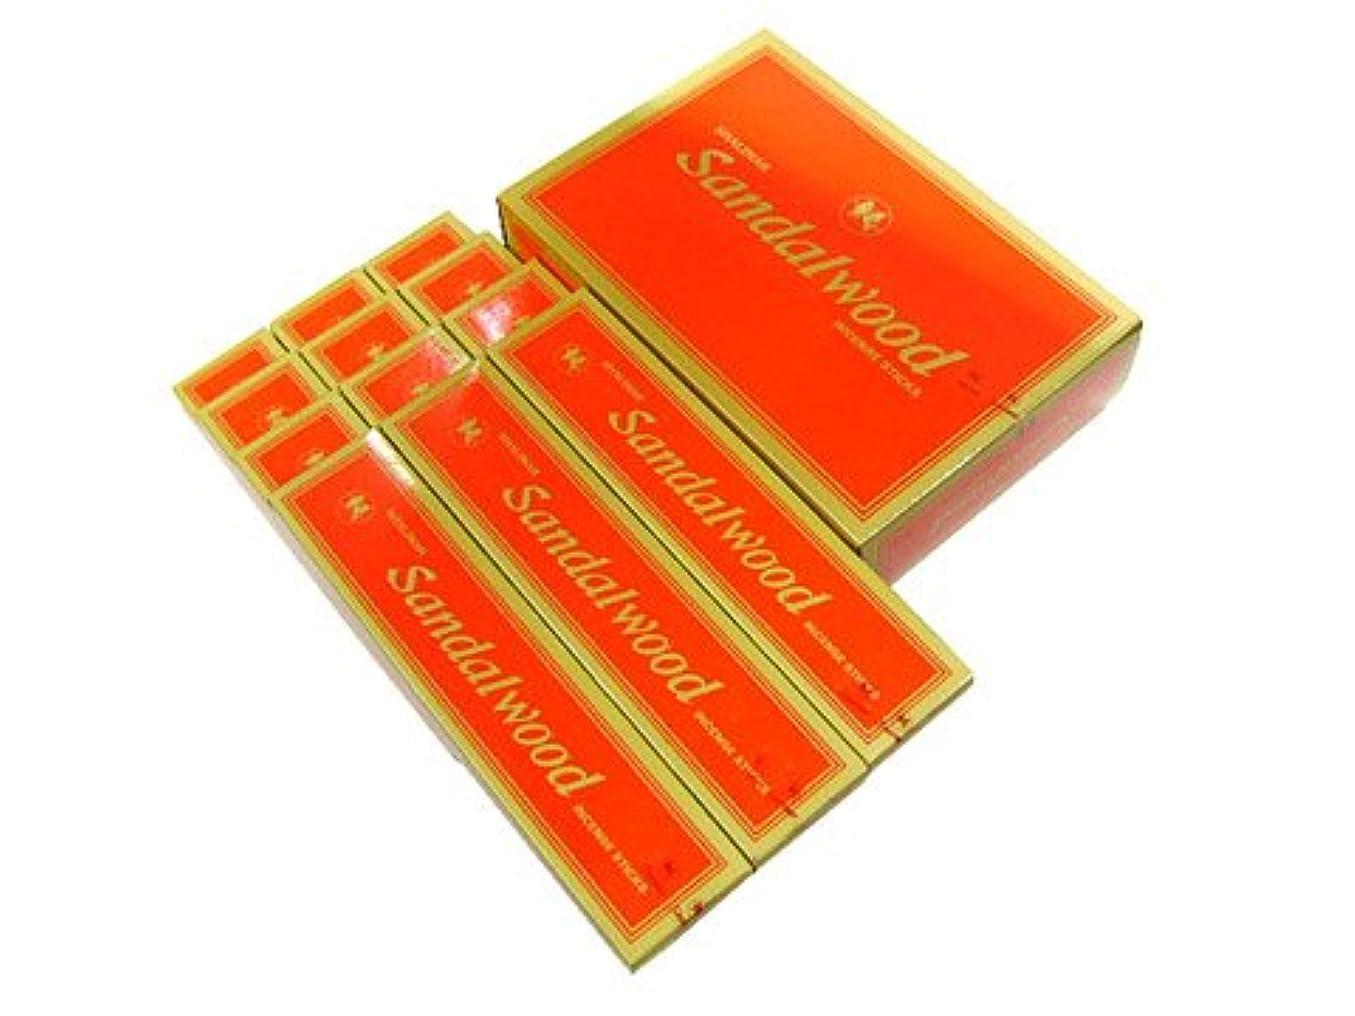 小学生酸っぱい見る人SHALIMAR(シャリマー) SANDALWOOD サンダルウッド香(レギュラーボックス) スティック 12箱セット